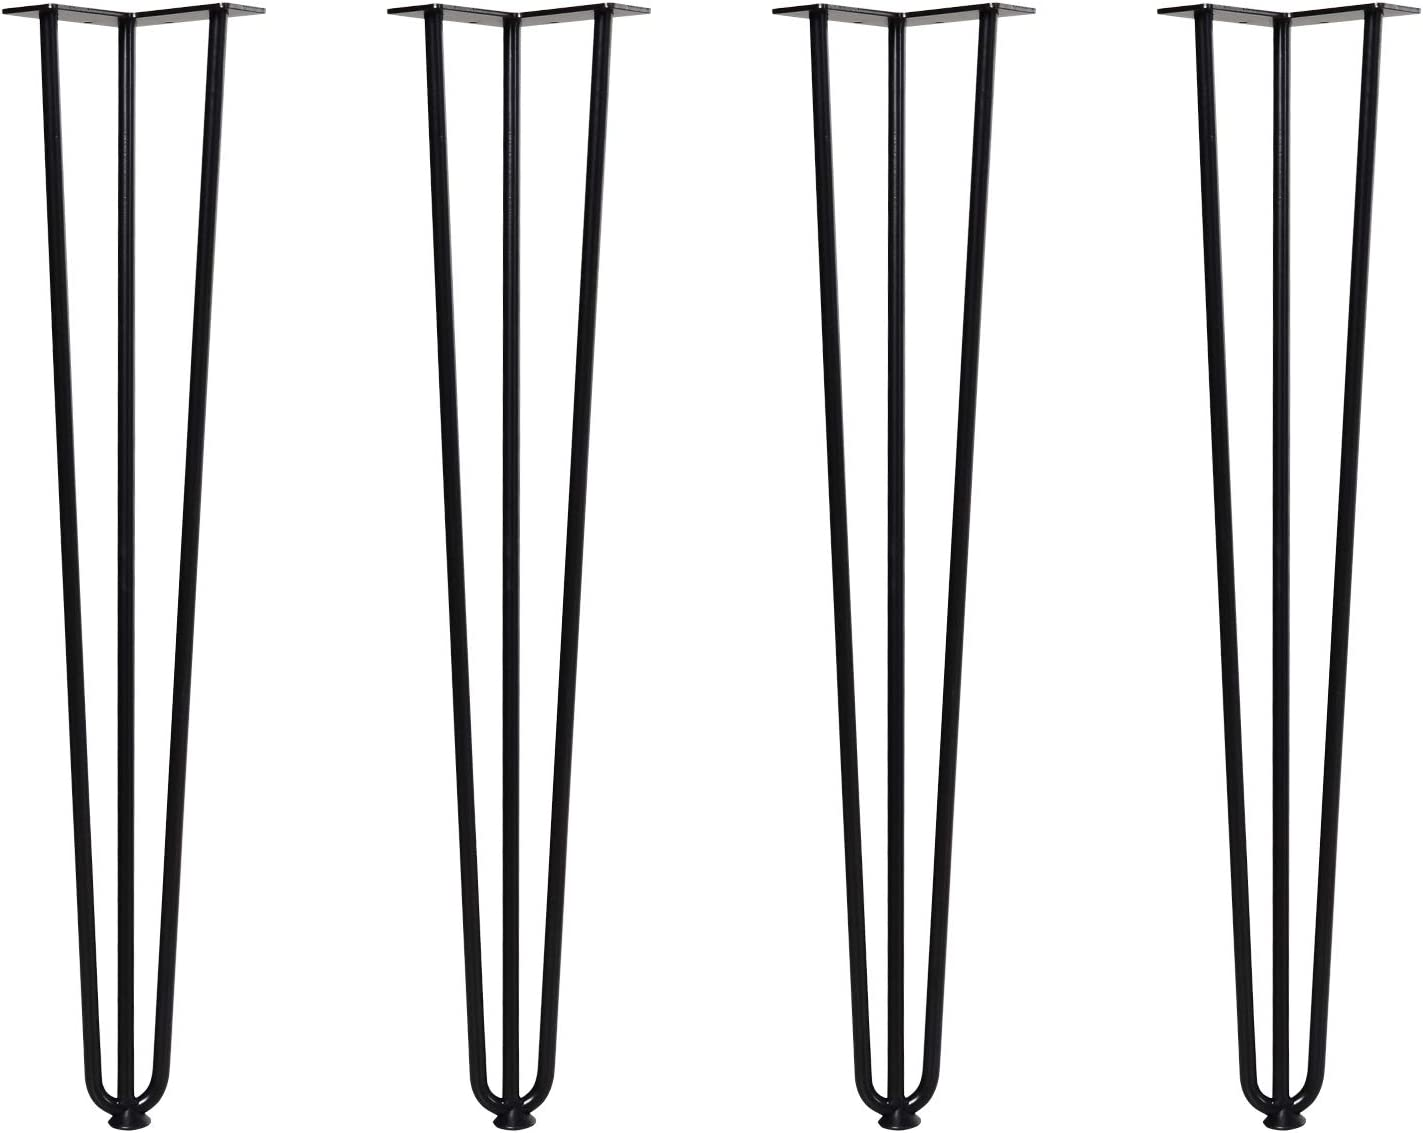 HOMCOM Conjunto de 4 Patas para Mesa de Estilo Industrial y Diseño Horquilla con Protectores Anti-arañazos de Goma 12x12x71cm Tornillos de Montaje Incluidos Negro